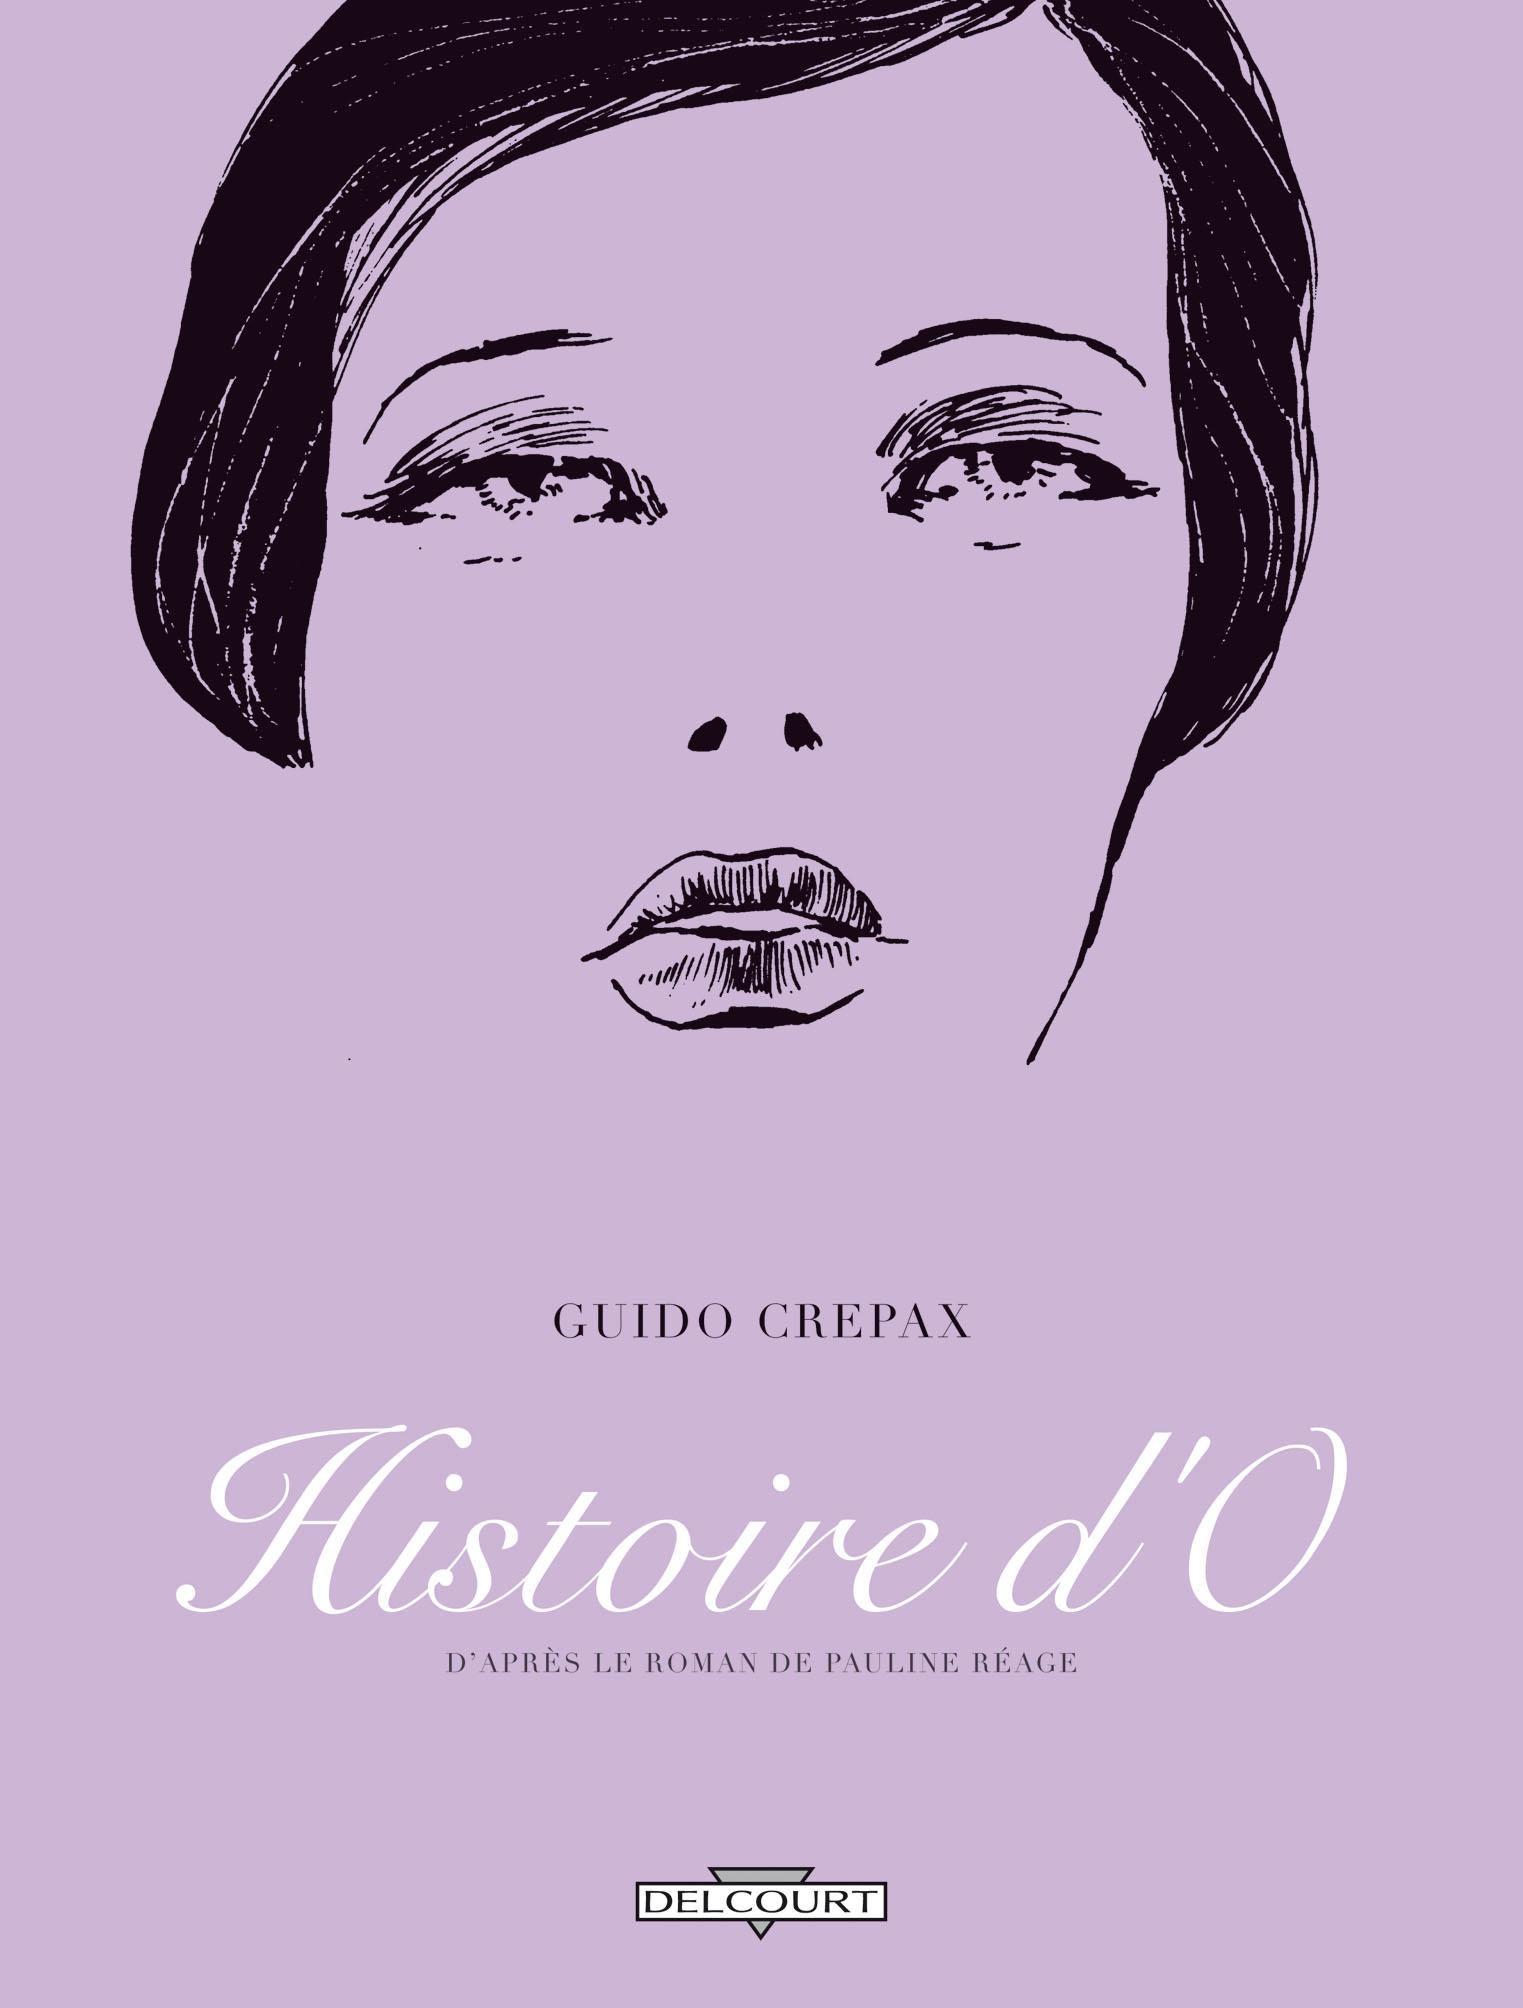 Guido Crepax Histoire O Couv